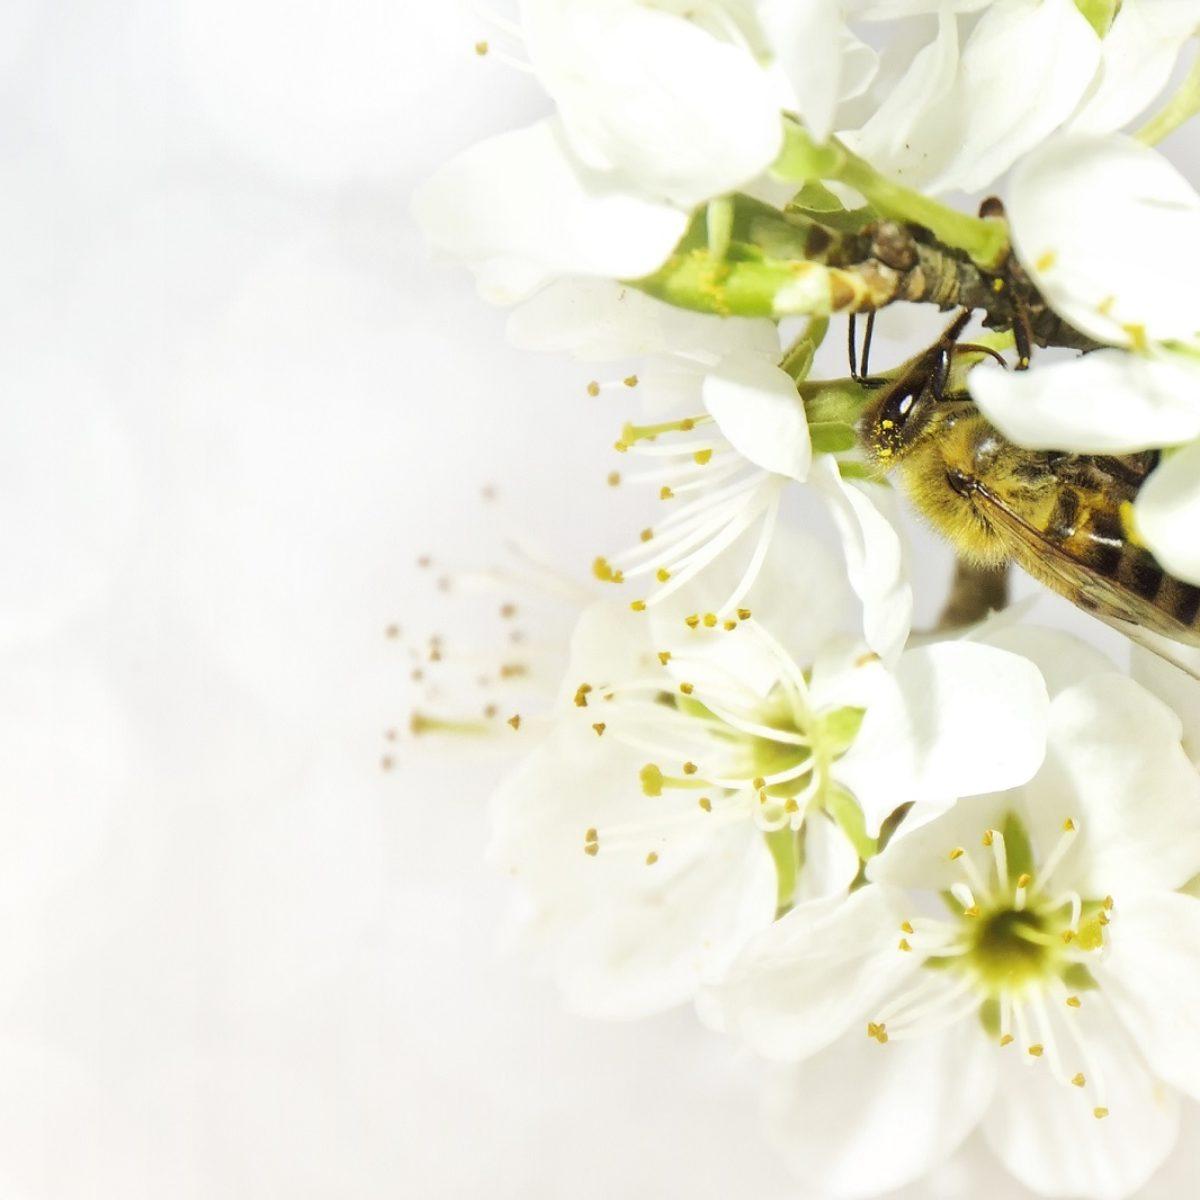 Jad pszczeli w kosmetyce